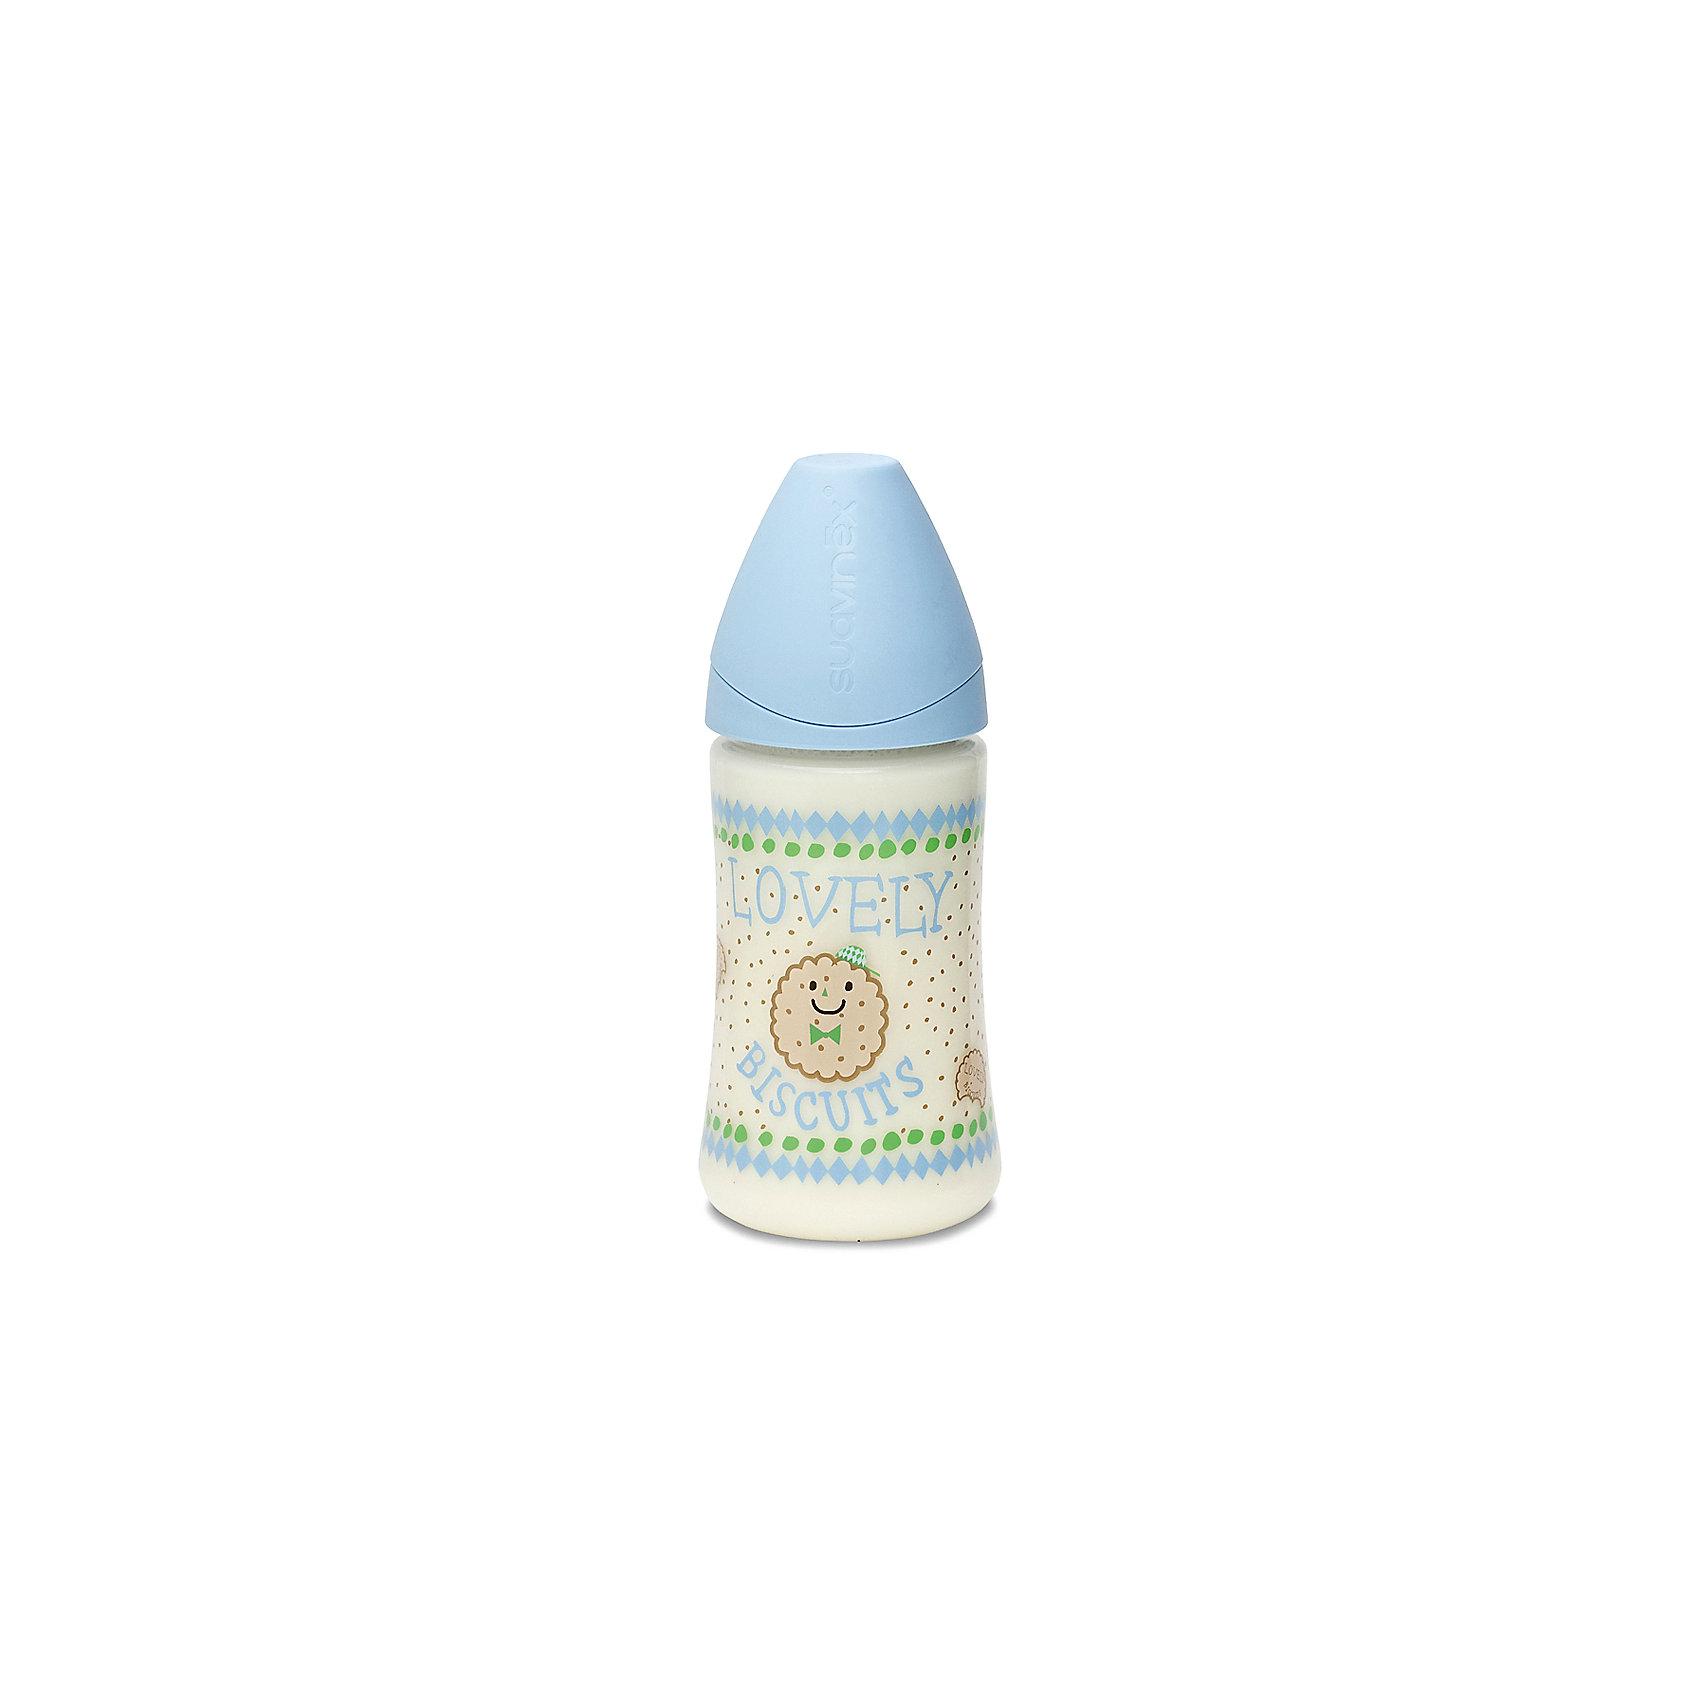 Бутылочка 270мл от 0мес до 6мес., Suavinex, голубой печеньеБутылочки и аксессуары<br>Характеристики:<br><br>• Наименование: бутылка для кормления<br>• Рекомендуемый возраст: от 0 до 6 месяцев<br>• Пол: для мальчика<br>• Объем: 270 мл<br>• Материал: силикон, пластик<br>• Цвет: голубой, бежевый<br>• Рисунок: печенье<br>• Форма соски: анатомическая<br>• Поток у соски: медленный<br>• Комплектация: бутылочка, соска, колпачок<br>• Наличие антиколикового клапана<br>• Горлышко бутылки адаптировано под любую форму соски данного производителя<br>• Вес: 105 г<br>• Параметры (Д*Ш*В): 7*7*17,3 см <br>• Особенности ухода: регулярная стерилизация и своевременная замена<br><br>Бутылка 270 мл от 0 до 6 мес., Suavinex, голубой печенье изготовлена испанским торговым брендом, специализирующимся на выпуске товаров для кормления новорожденных и младенцев. Продукция от Suavinex разработана с учетом рекомендаций педиатров и стоматологов, что гарантирует не только качество и безопасность использованных материалов, но и обеспечивает правильное формирование неба. <br><br>Бутылочка выполнена с широким горлышком, что облегчает уход за ней. Силиконовая соска анатомической формы длительное время сохраняет свои свойства: не рассасывается и не слипается во время кормления. <br><br>Бутылка 270 мл от 0 до 6 мес., Suavinex, голубой печенье выполнена в брендовом дизайне с изображением круглых печенюшек. Рисунок устойчив к появлениям царапин и выгоранию цвета даже при частой стерилизации. Бутылка 270 мл от 0 до 6 мес., Suavinex, голубой печенье станет непревзойденным аксессуаром для кормления вашего малыша.<br><br>Бутылку 270 мл от 0 до 6 мес., Suavinex, голубой печенье можно купить в нашем интернет-магазине.<br><br>Ширина мм: 70<br>Глубина мм: 70<br>Высота мм: 173<br>Вес г: 105<br>Возраст от месяцев: 0<br>Возраст до месяцев: 6<br>Пол: Мужской<br>Возраст: Детский<br>SKU: 5451229